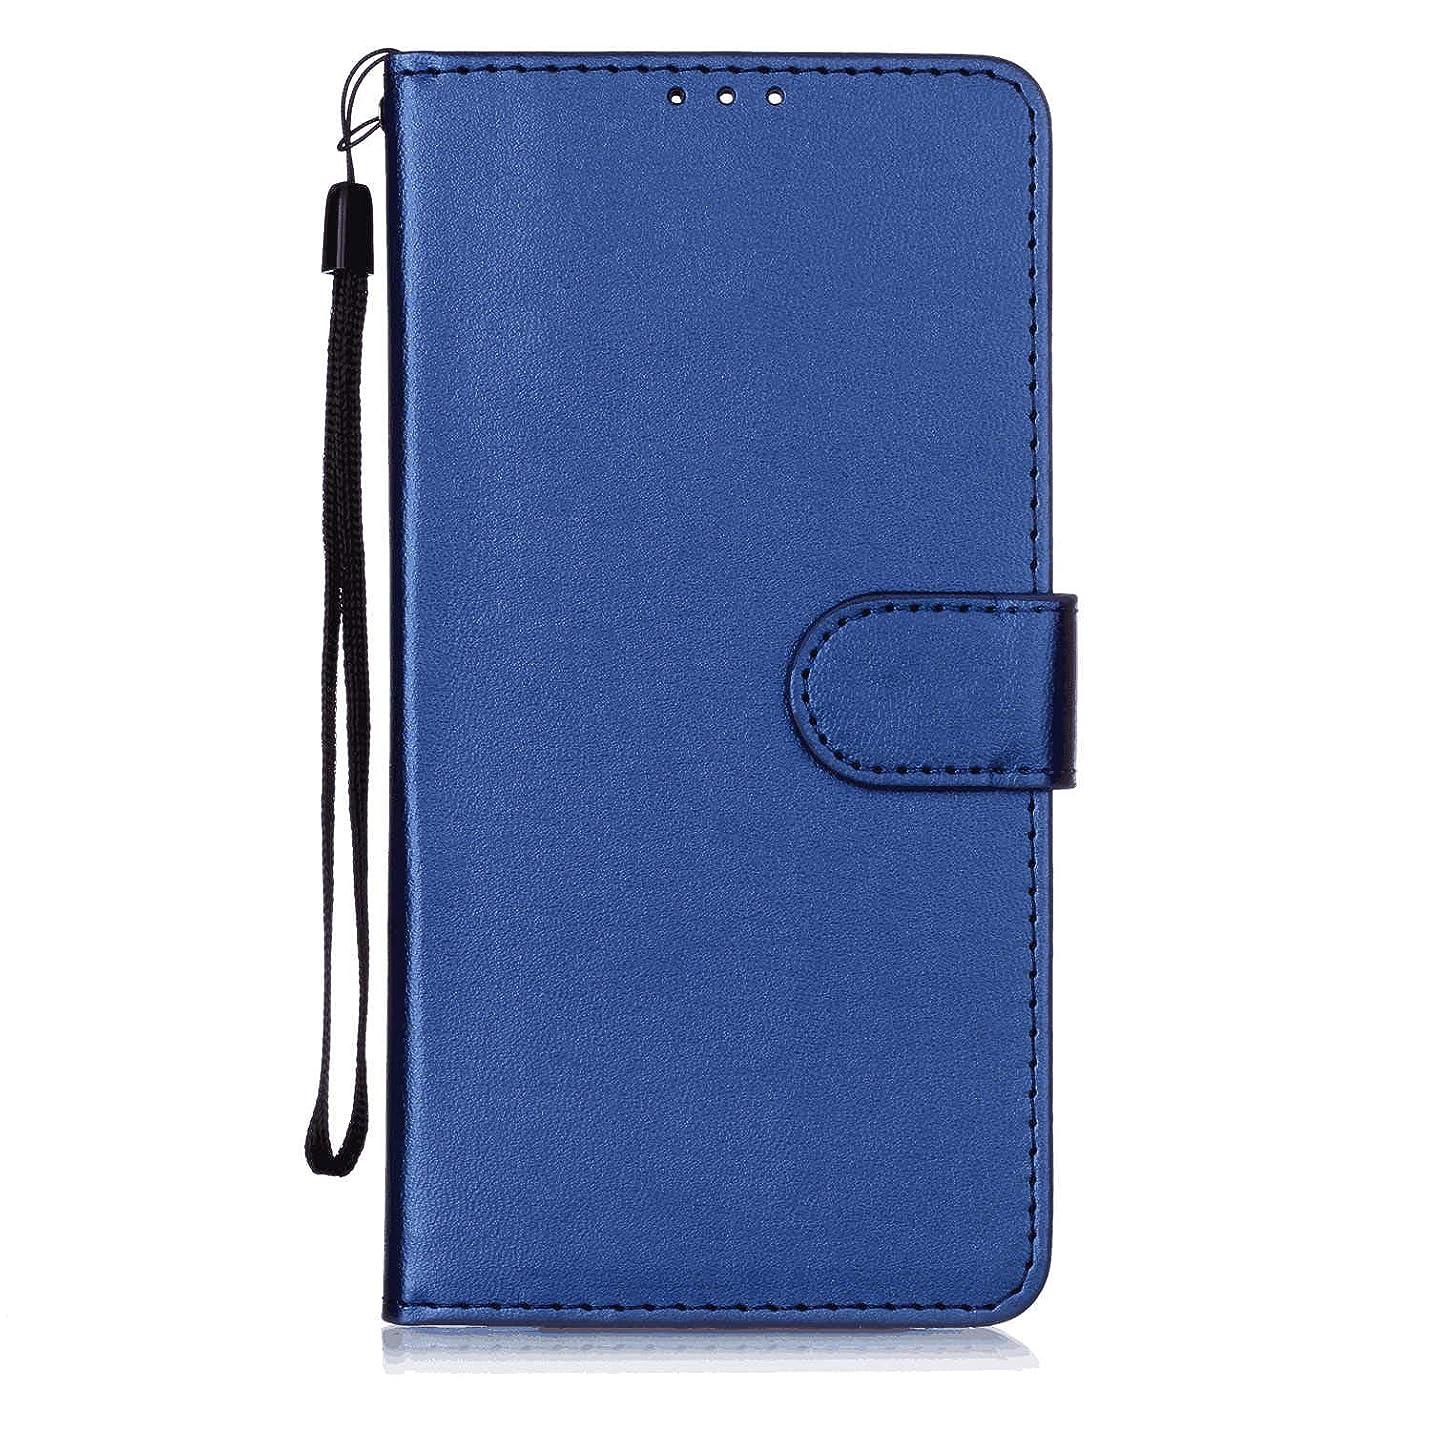 シリアル味付け時々時々Huawei Mate20 PUレザー ケース, 手帳型 ケース 本革 携帯カバー 全面保護 ビジネス カバー収納 財布 手帳型ケース Huawei Mate20 レザーケース